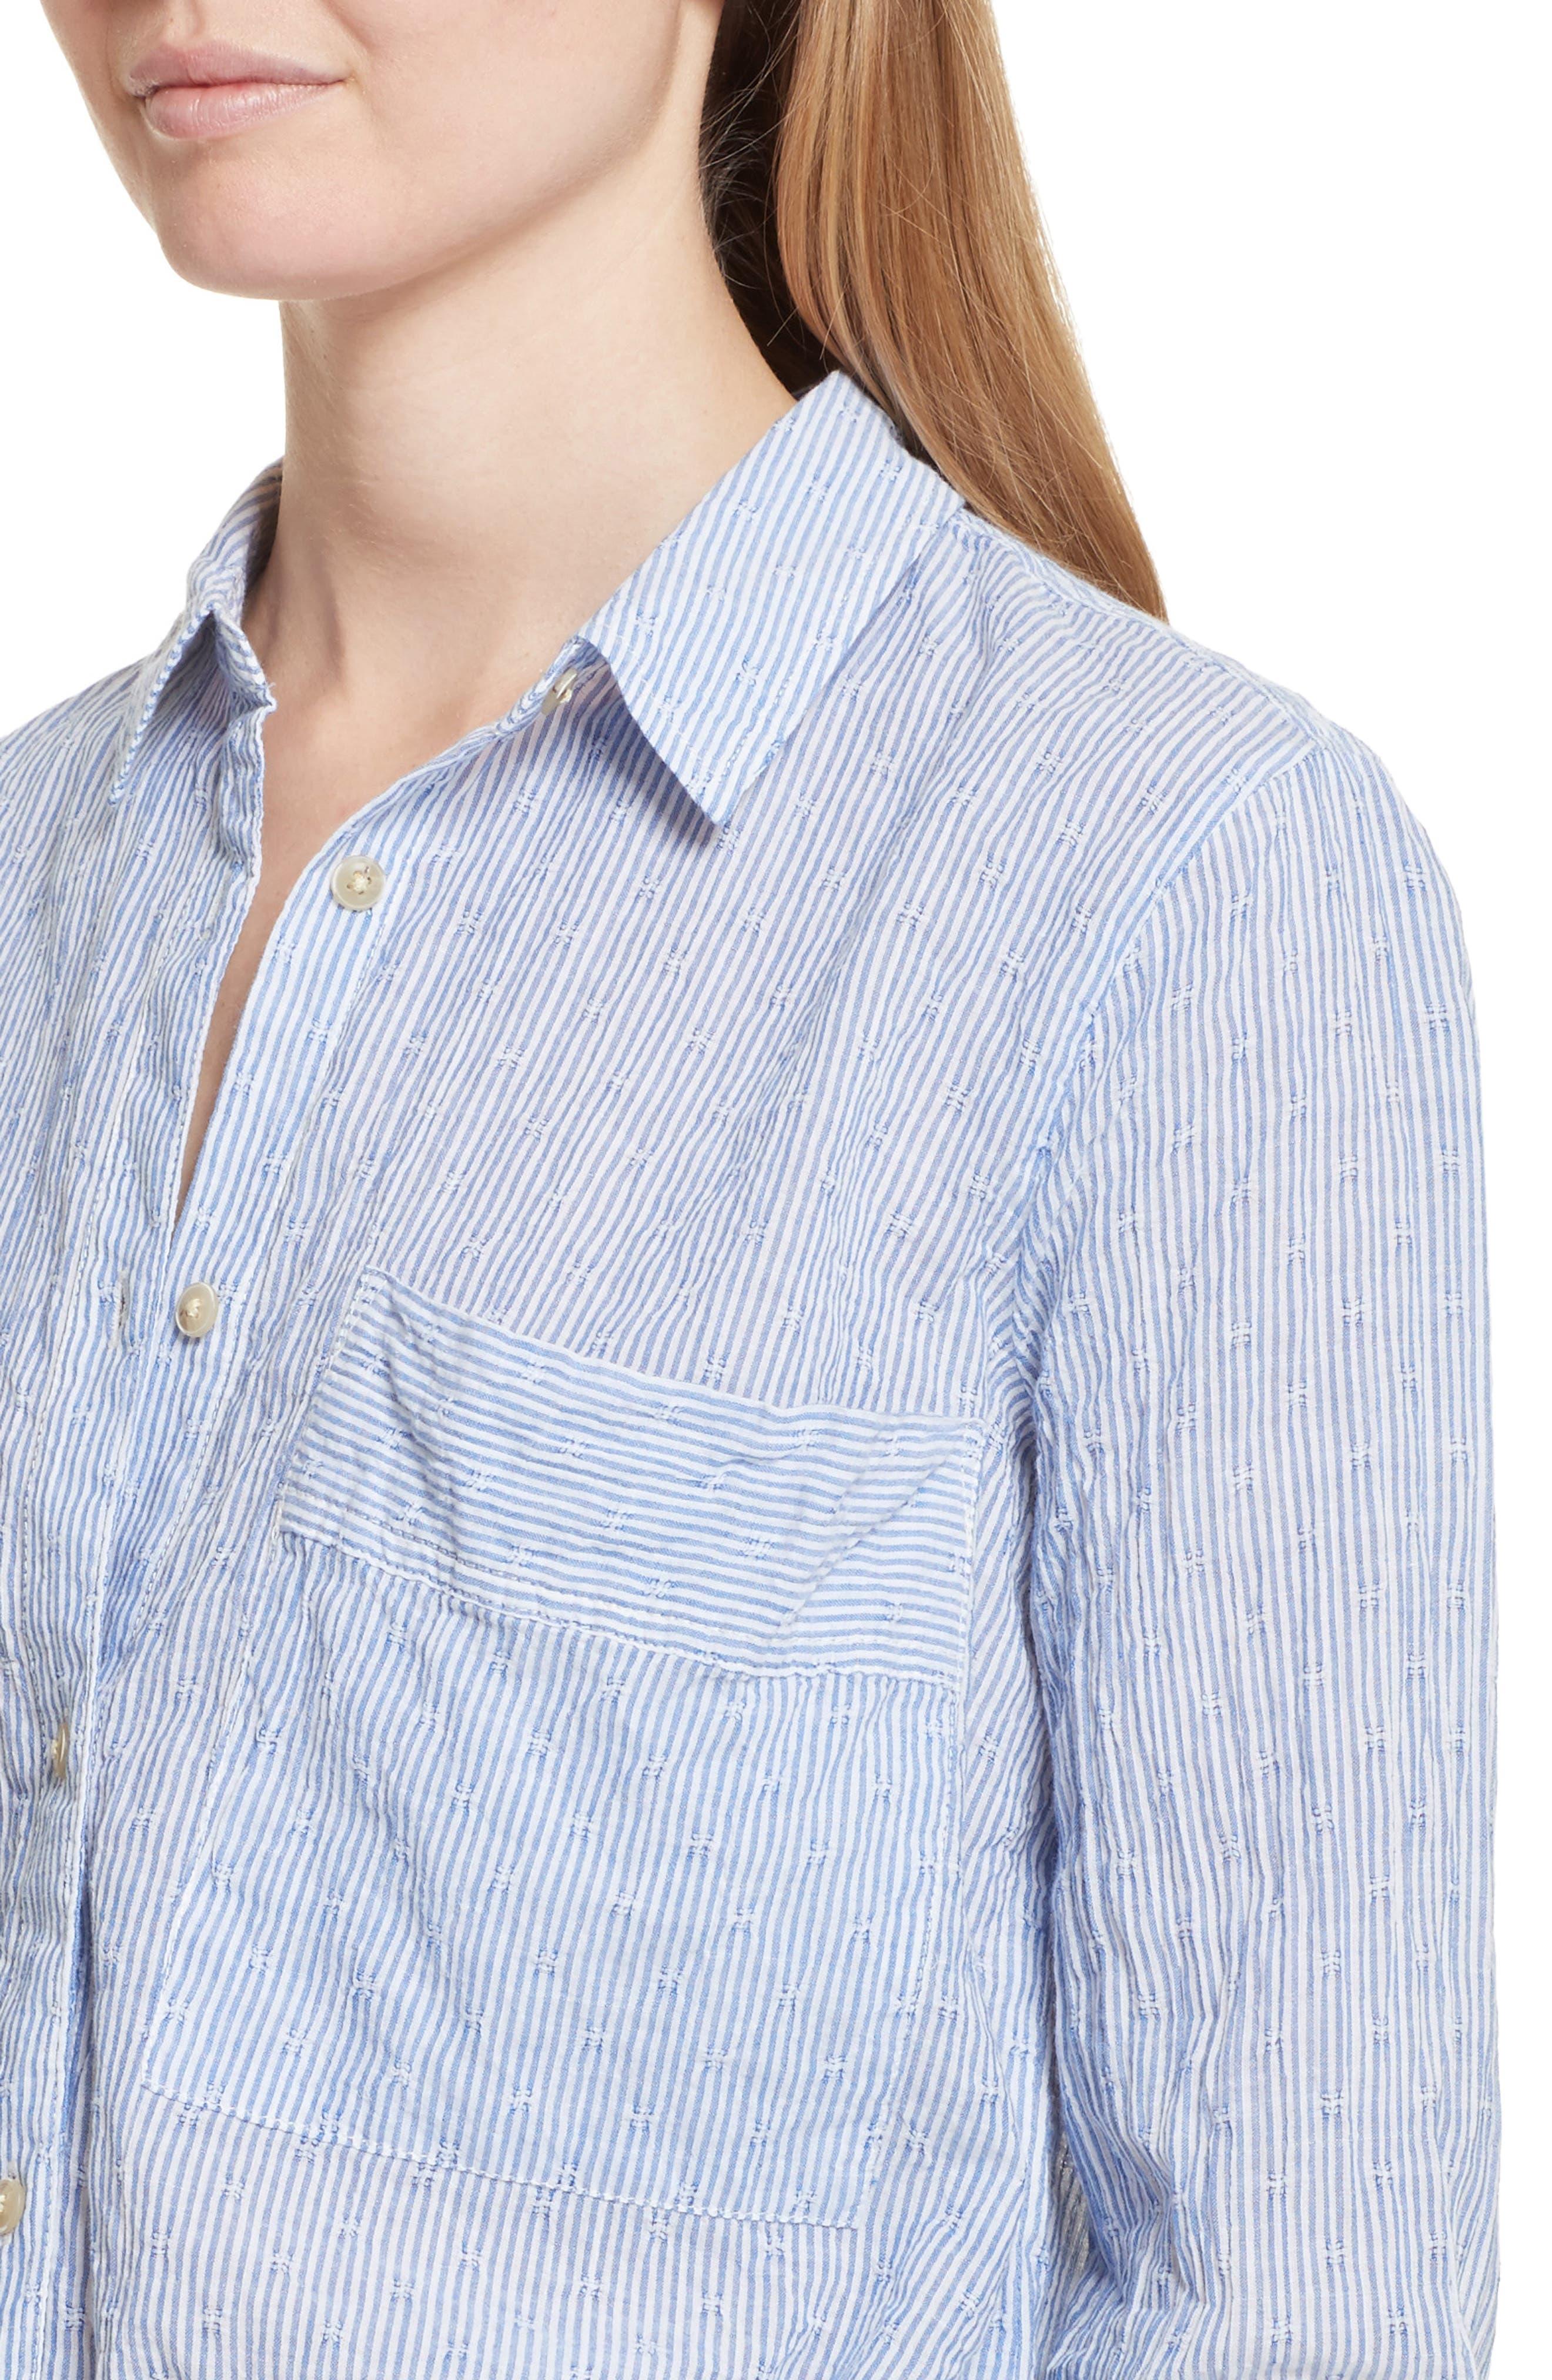 No Limits Stripe Stretch Cotton Shirt,                             Alternate thumbnail 4, color,                             Blue